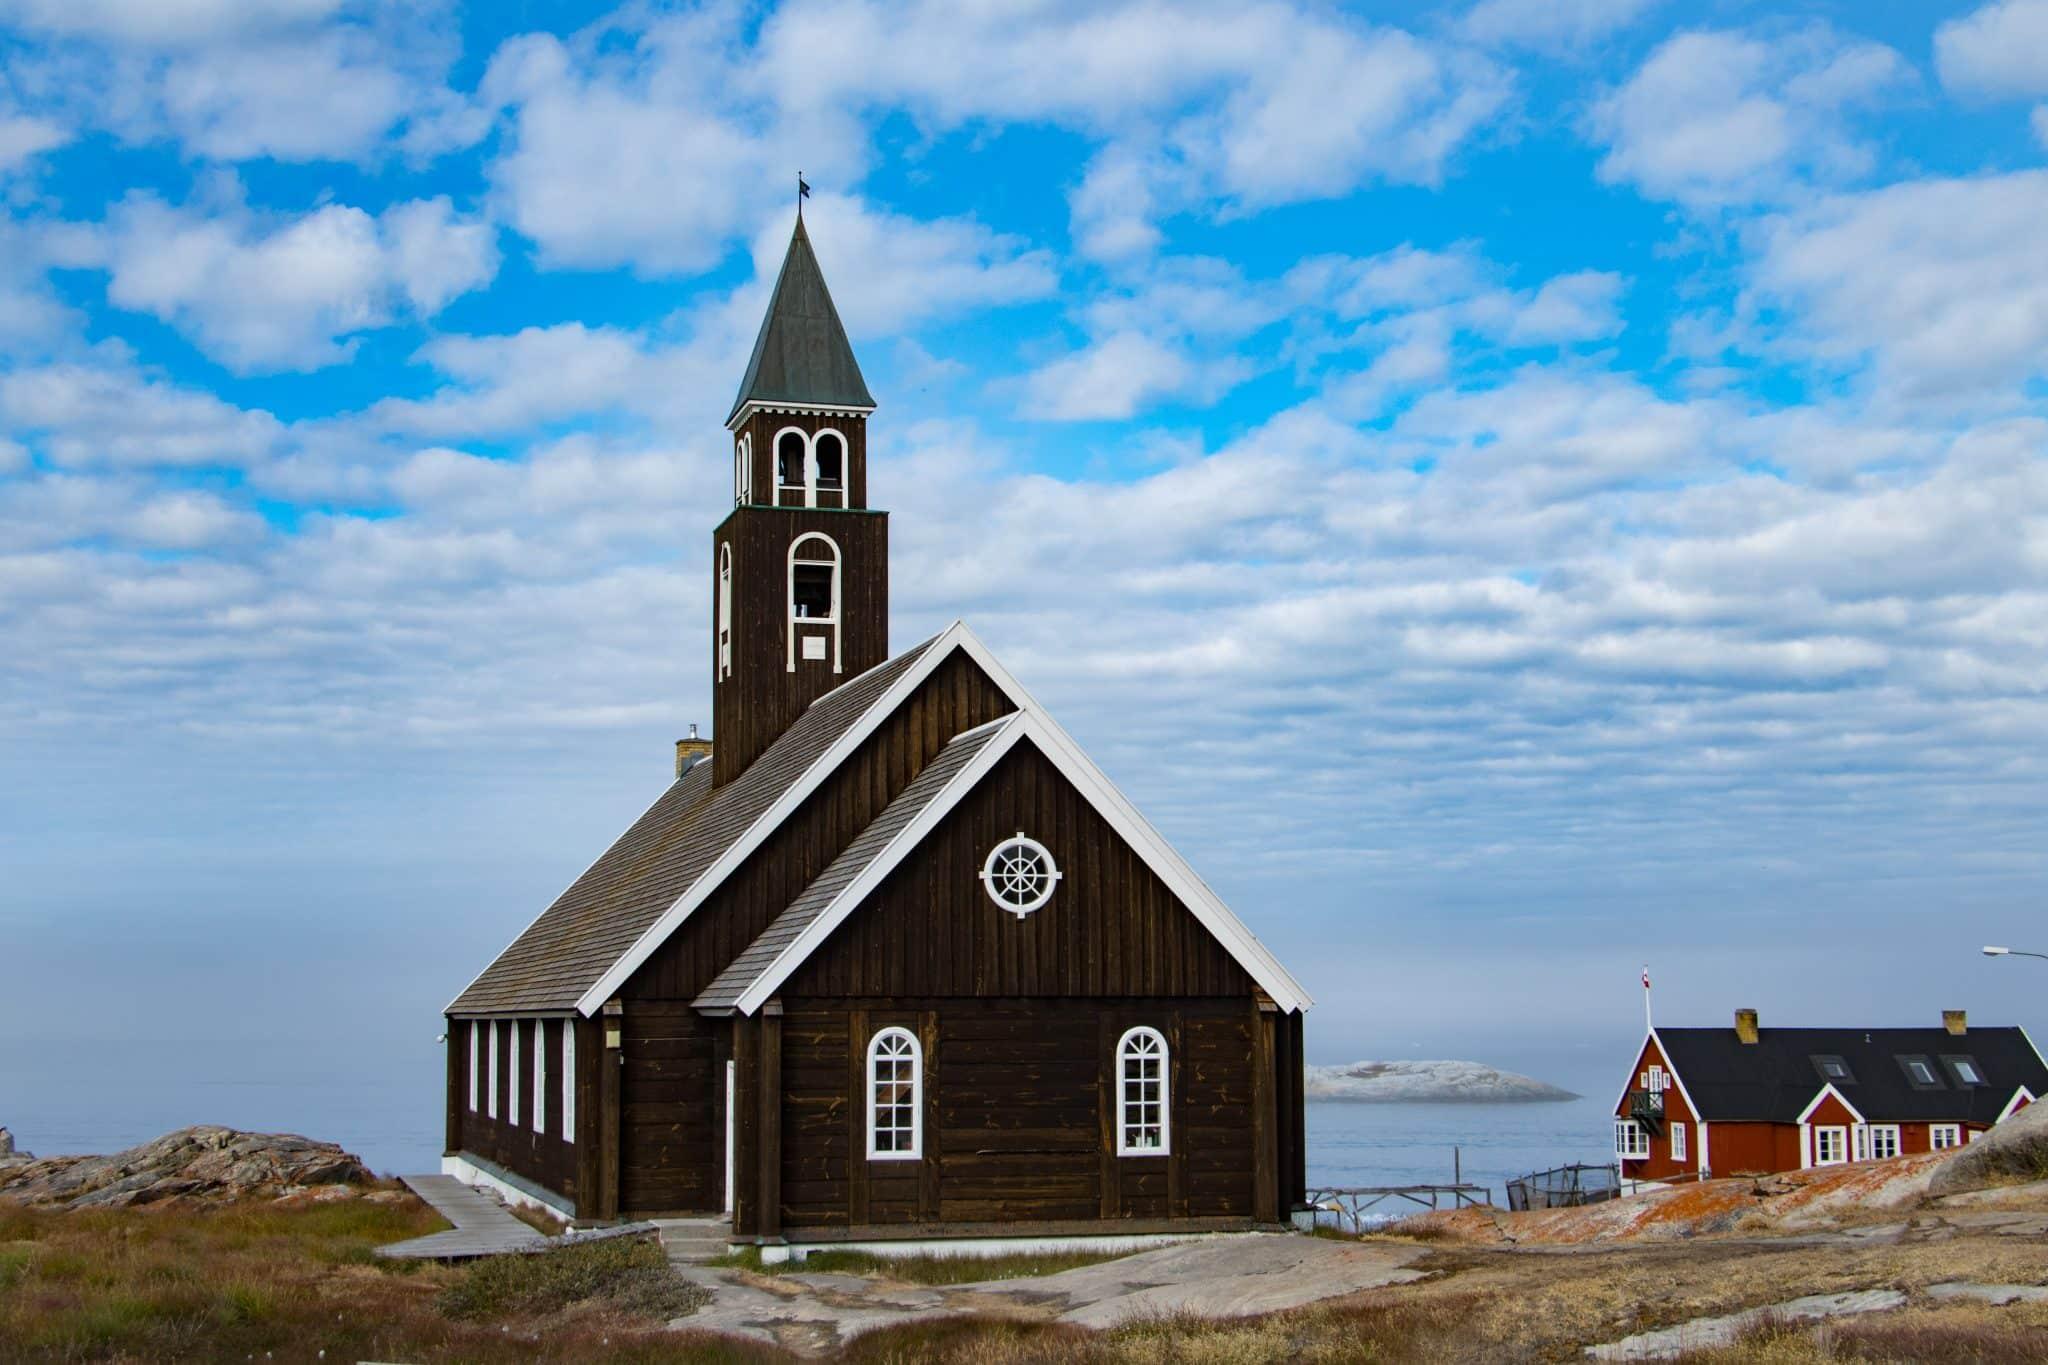 Reisebericht aus Ilulissat Grönland von PASSENGER X